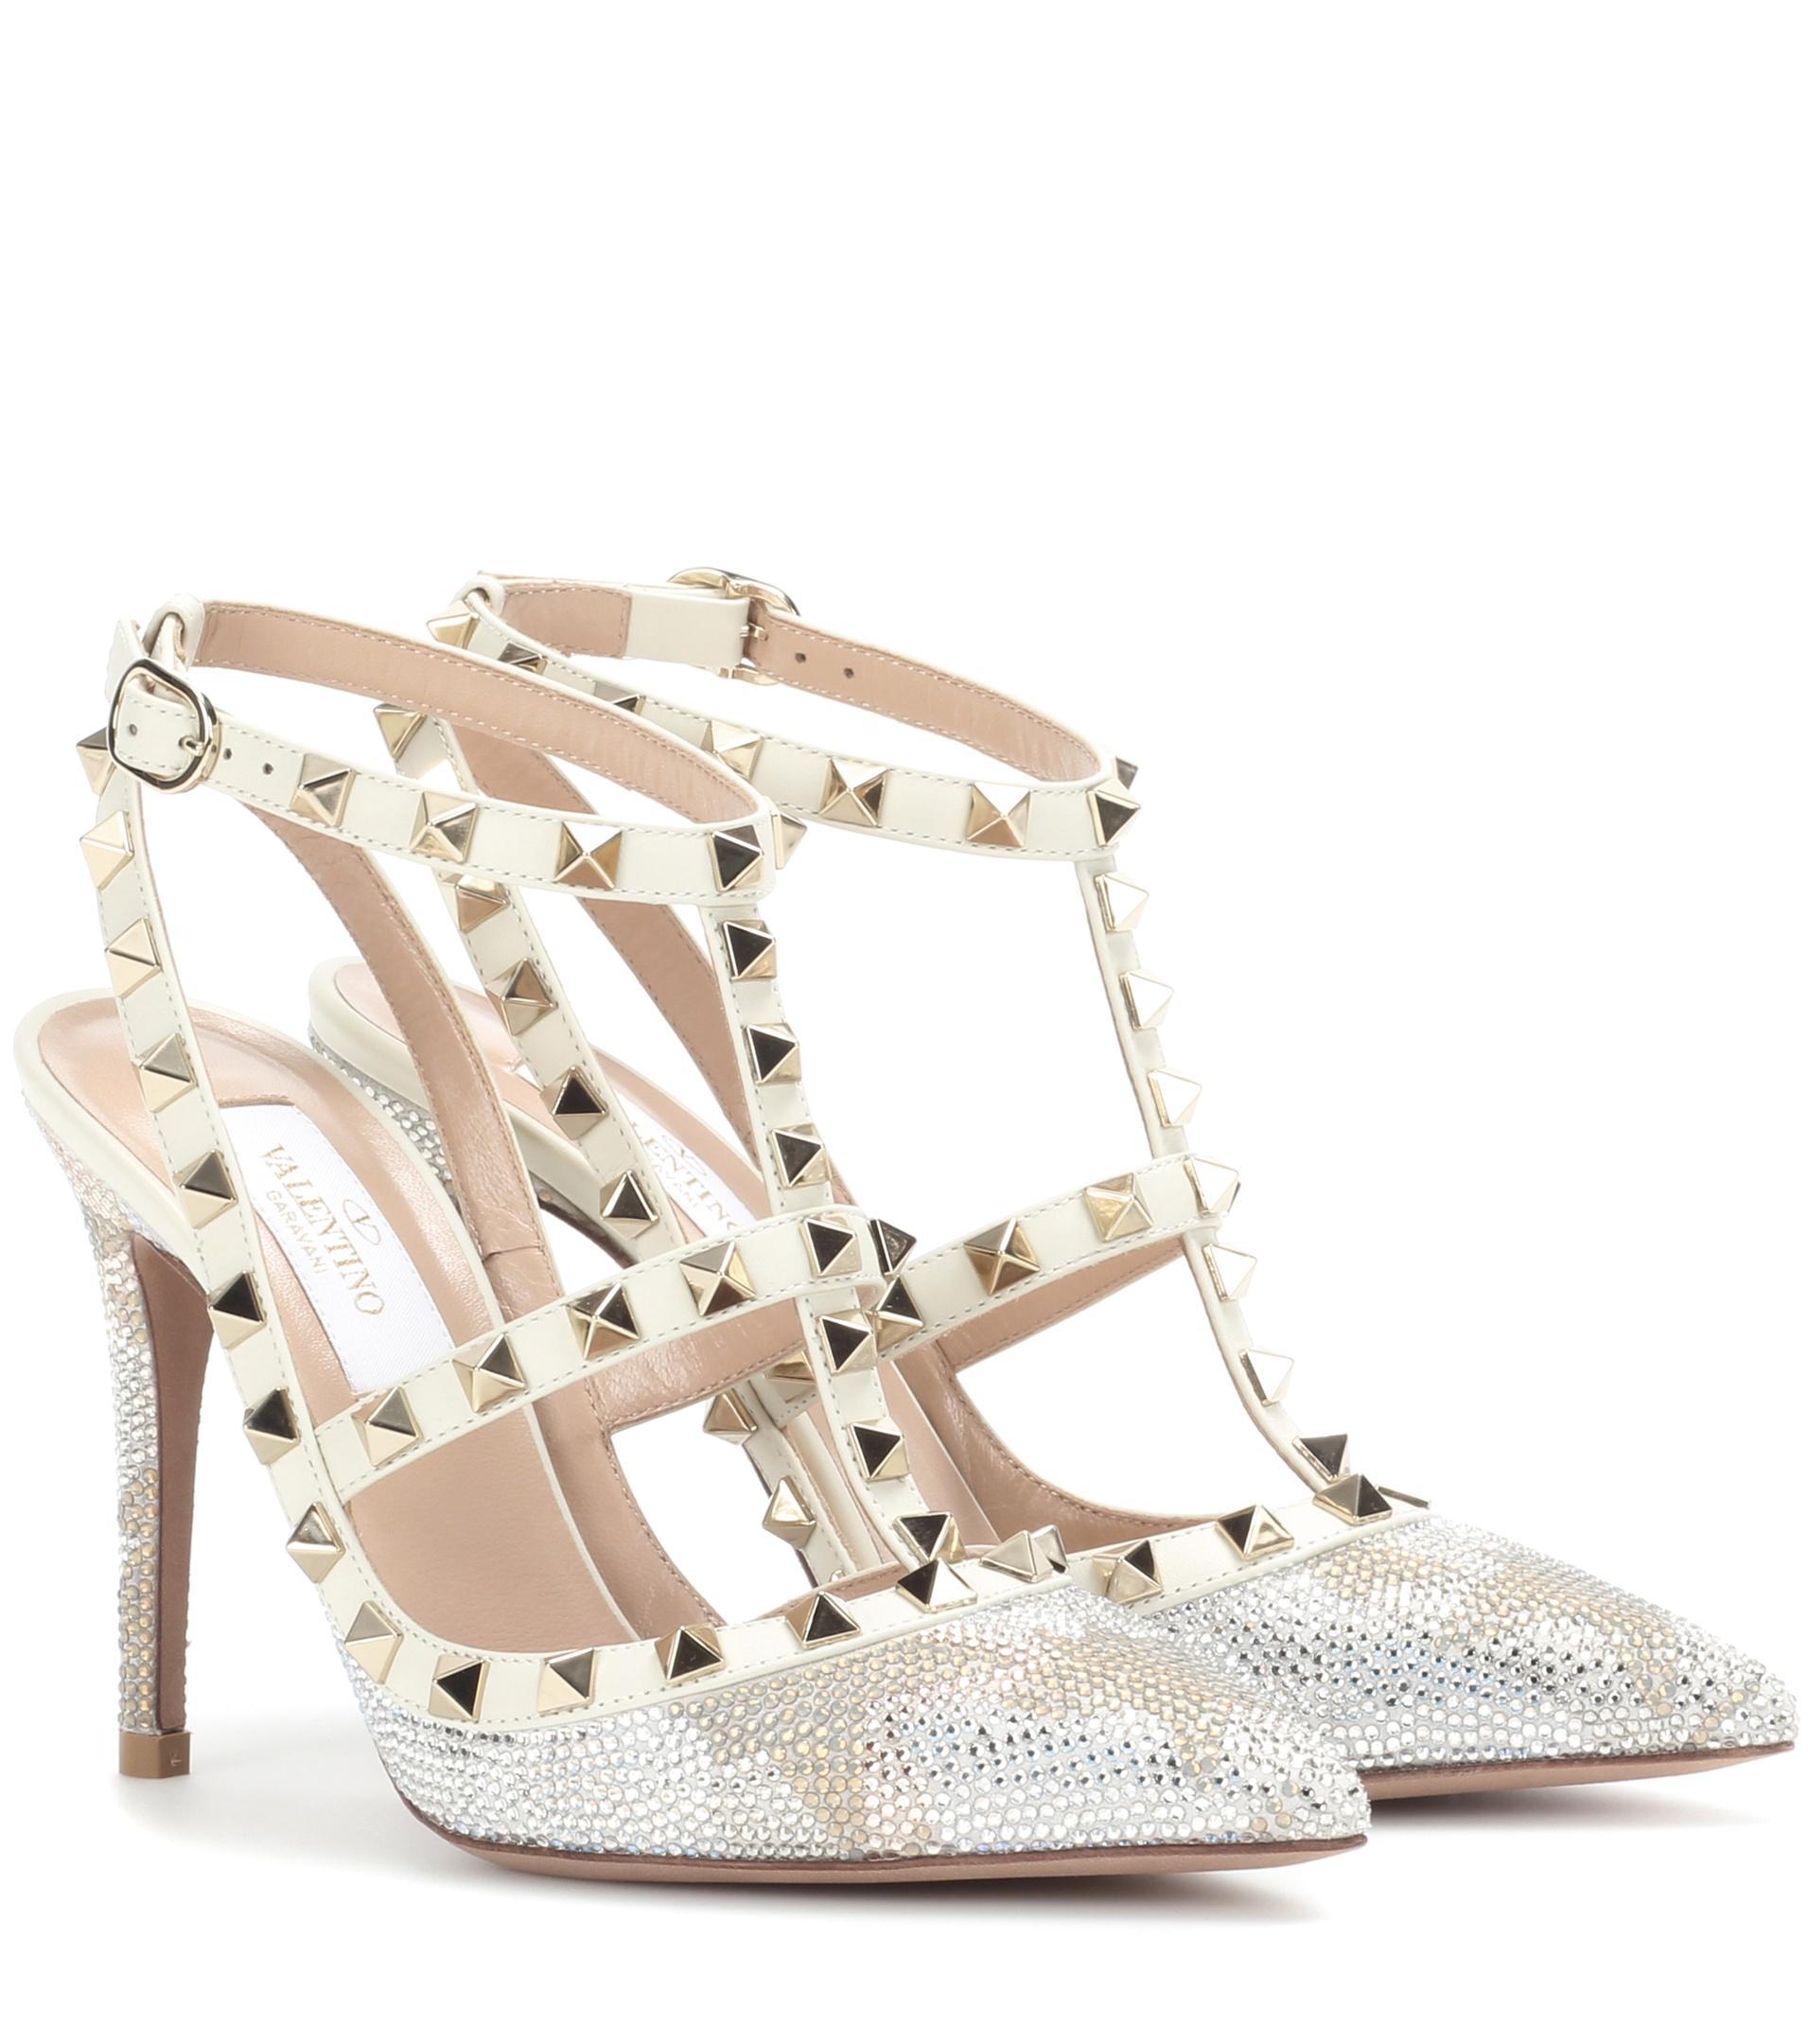 665e63f2487d Valentino Shoes Silver